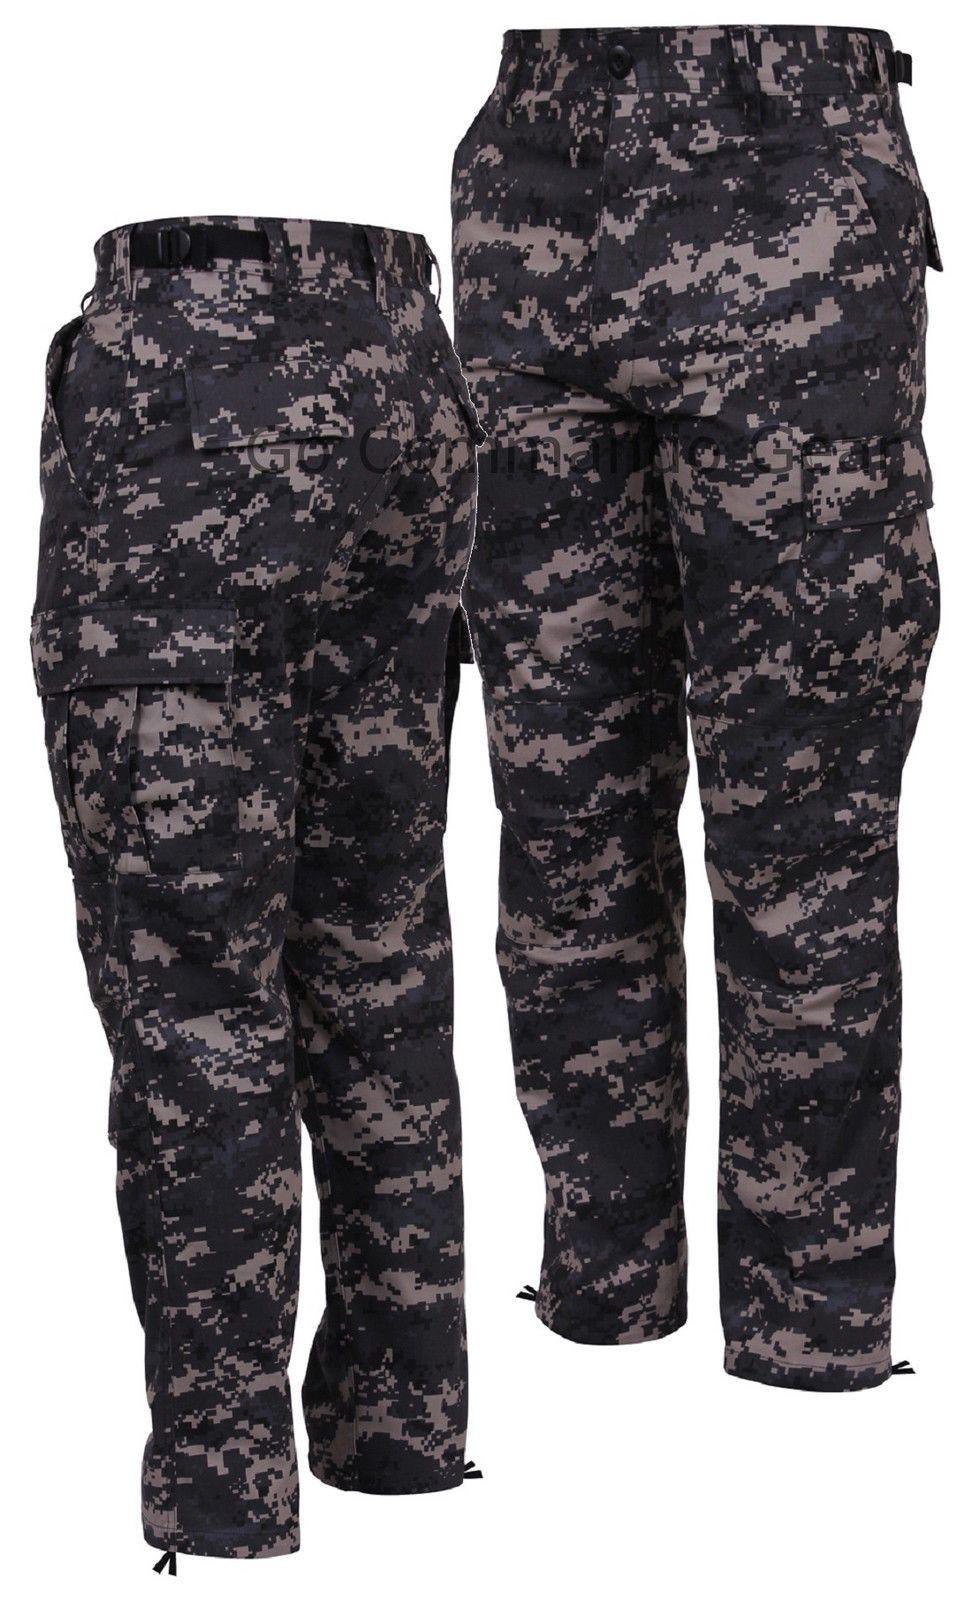 PANTS BDU BLACK TWILL 6 POCKETS Heavy Duty Twill Fabric Sizes S,M,L,XL,2X,3X